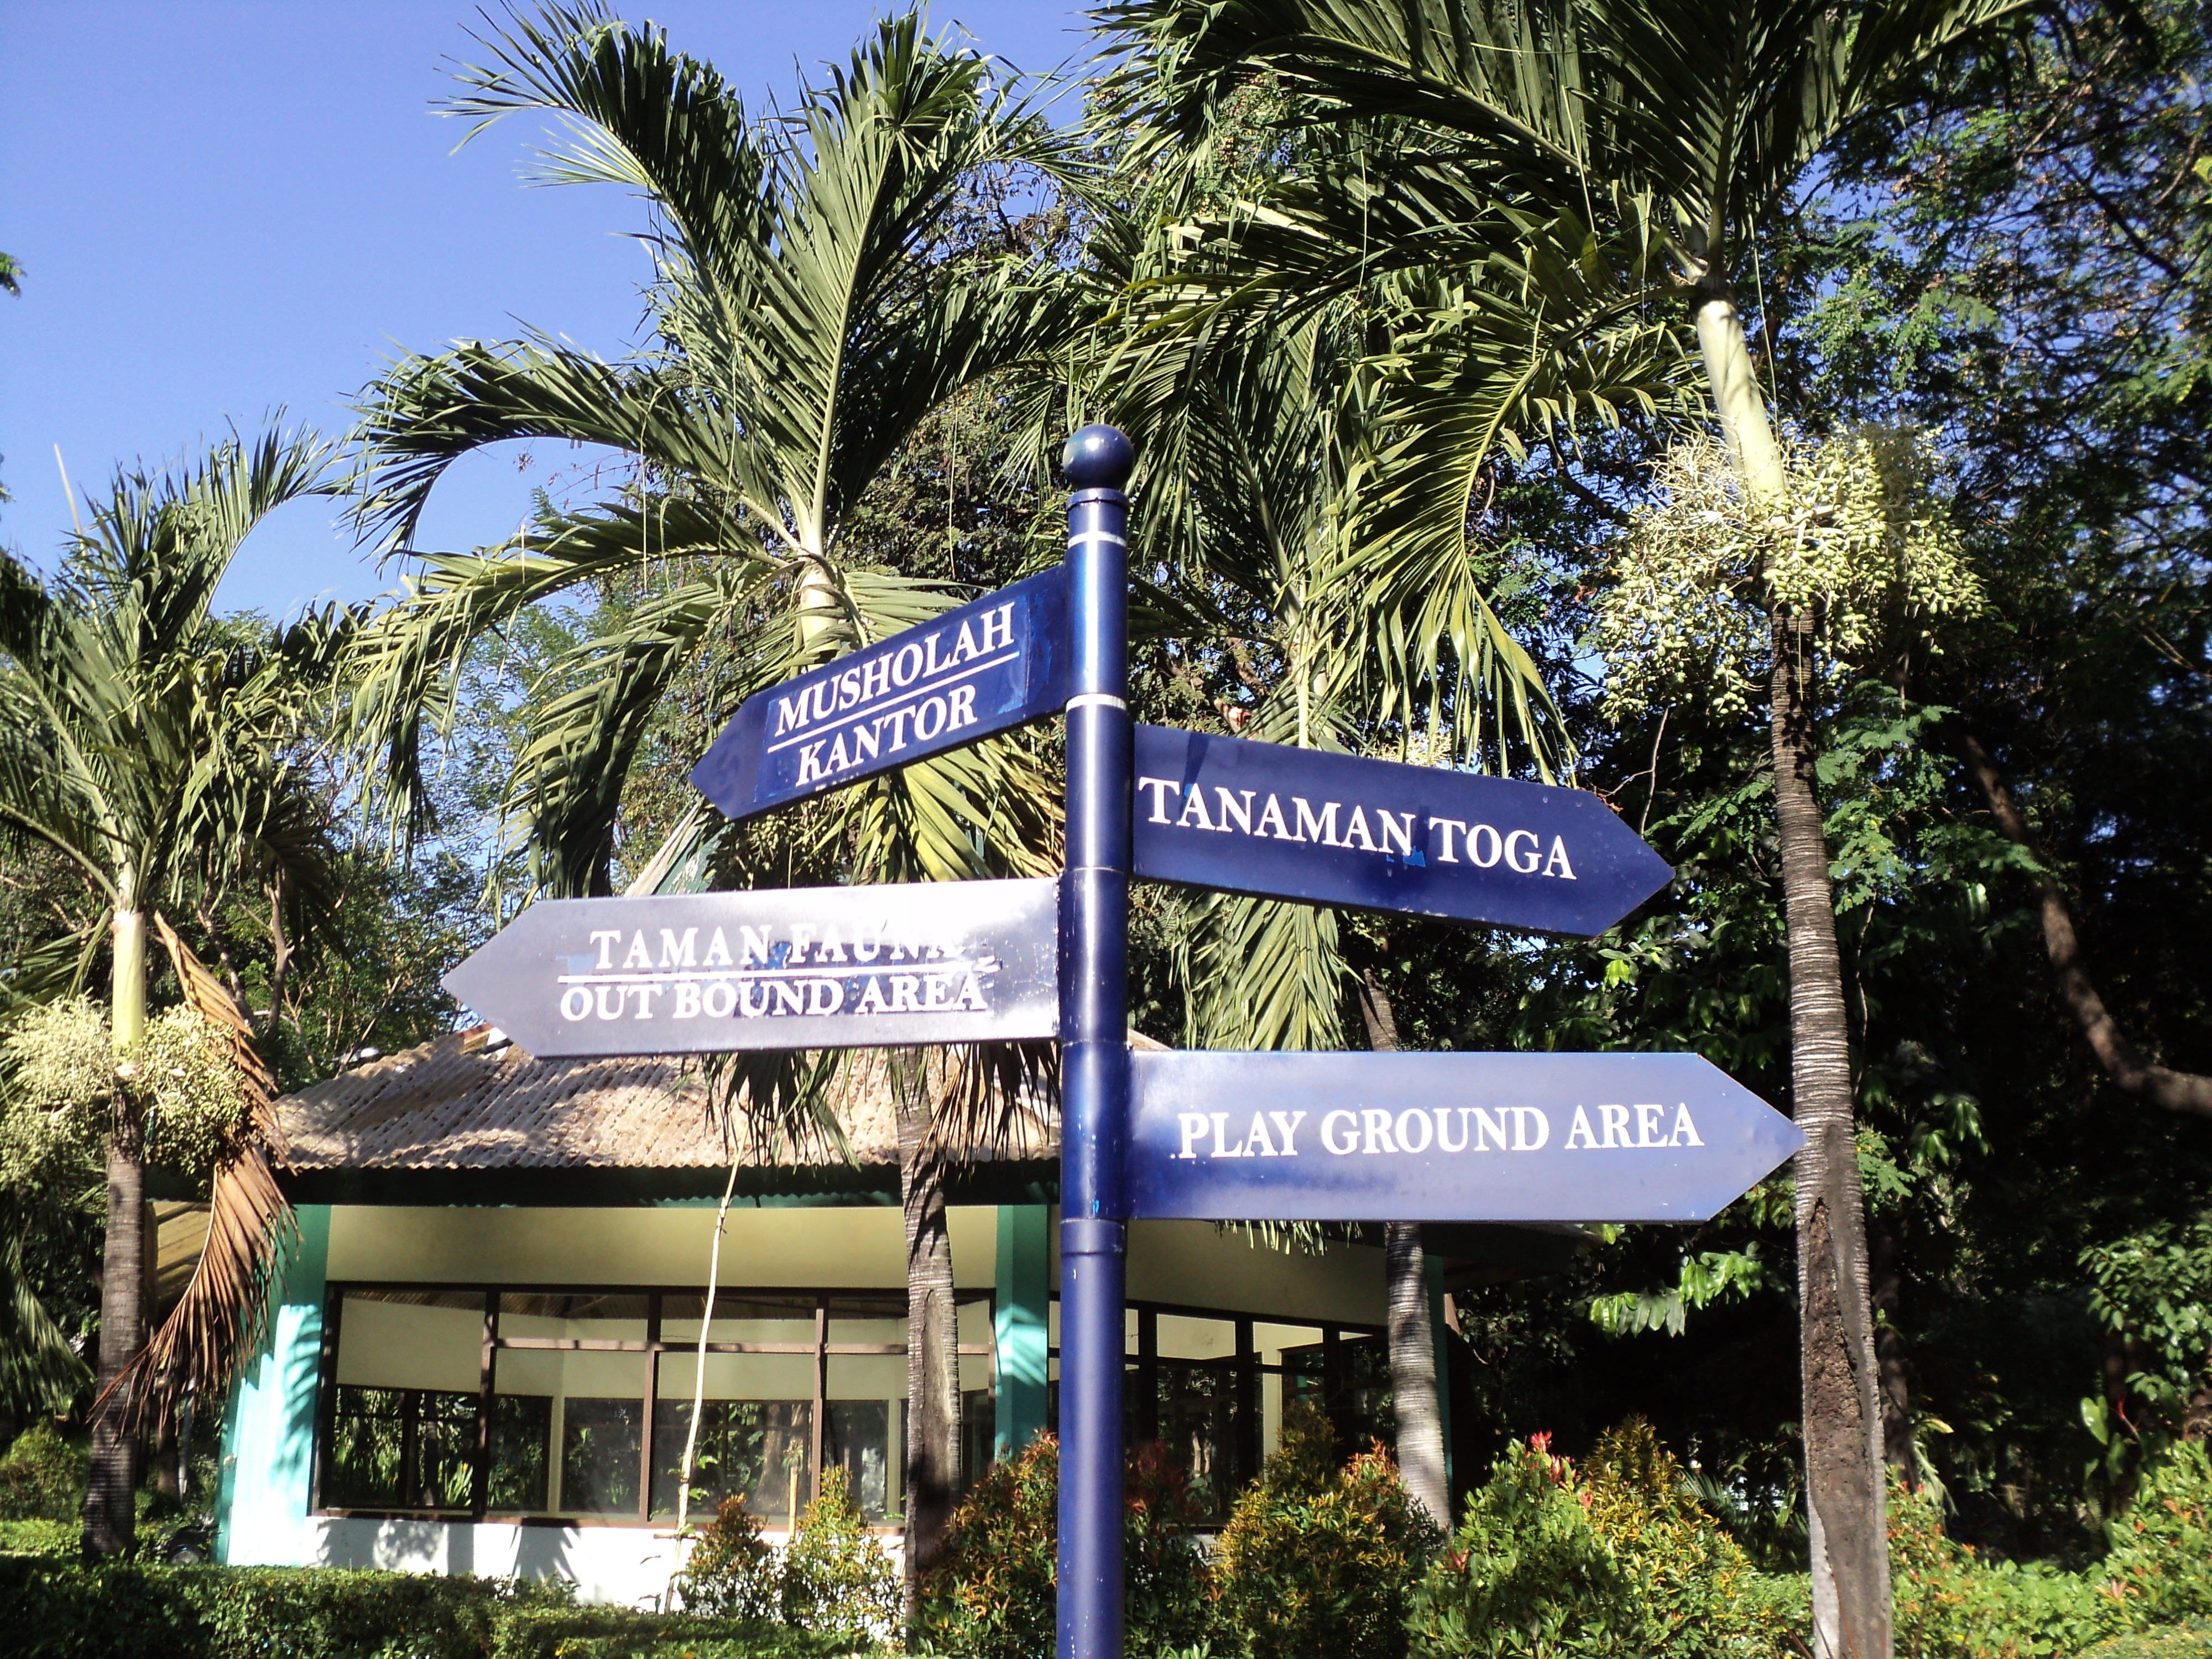 Nggak Kalah Kota Lainnya Surabaya Punya 5 Taman Mayangkara